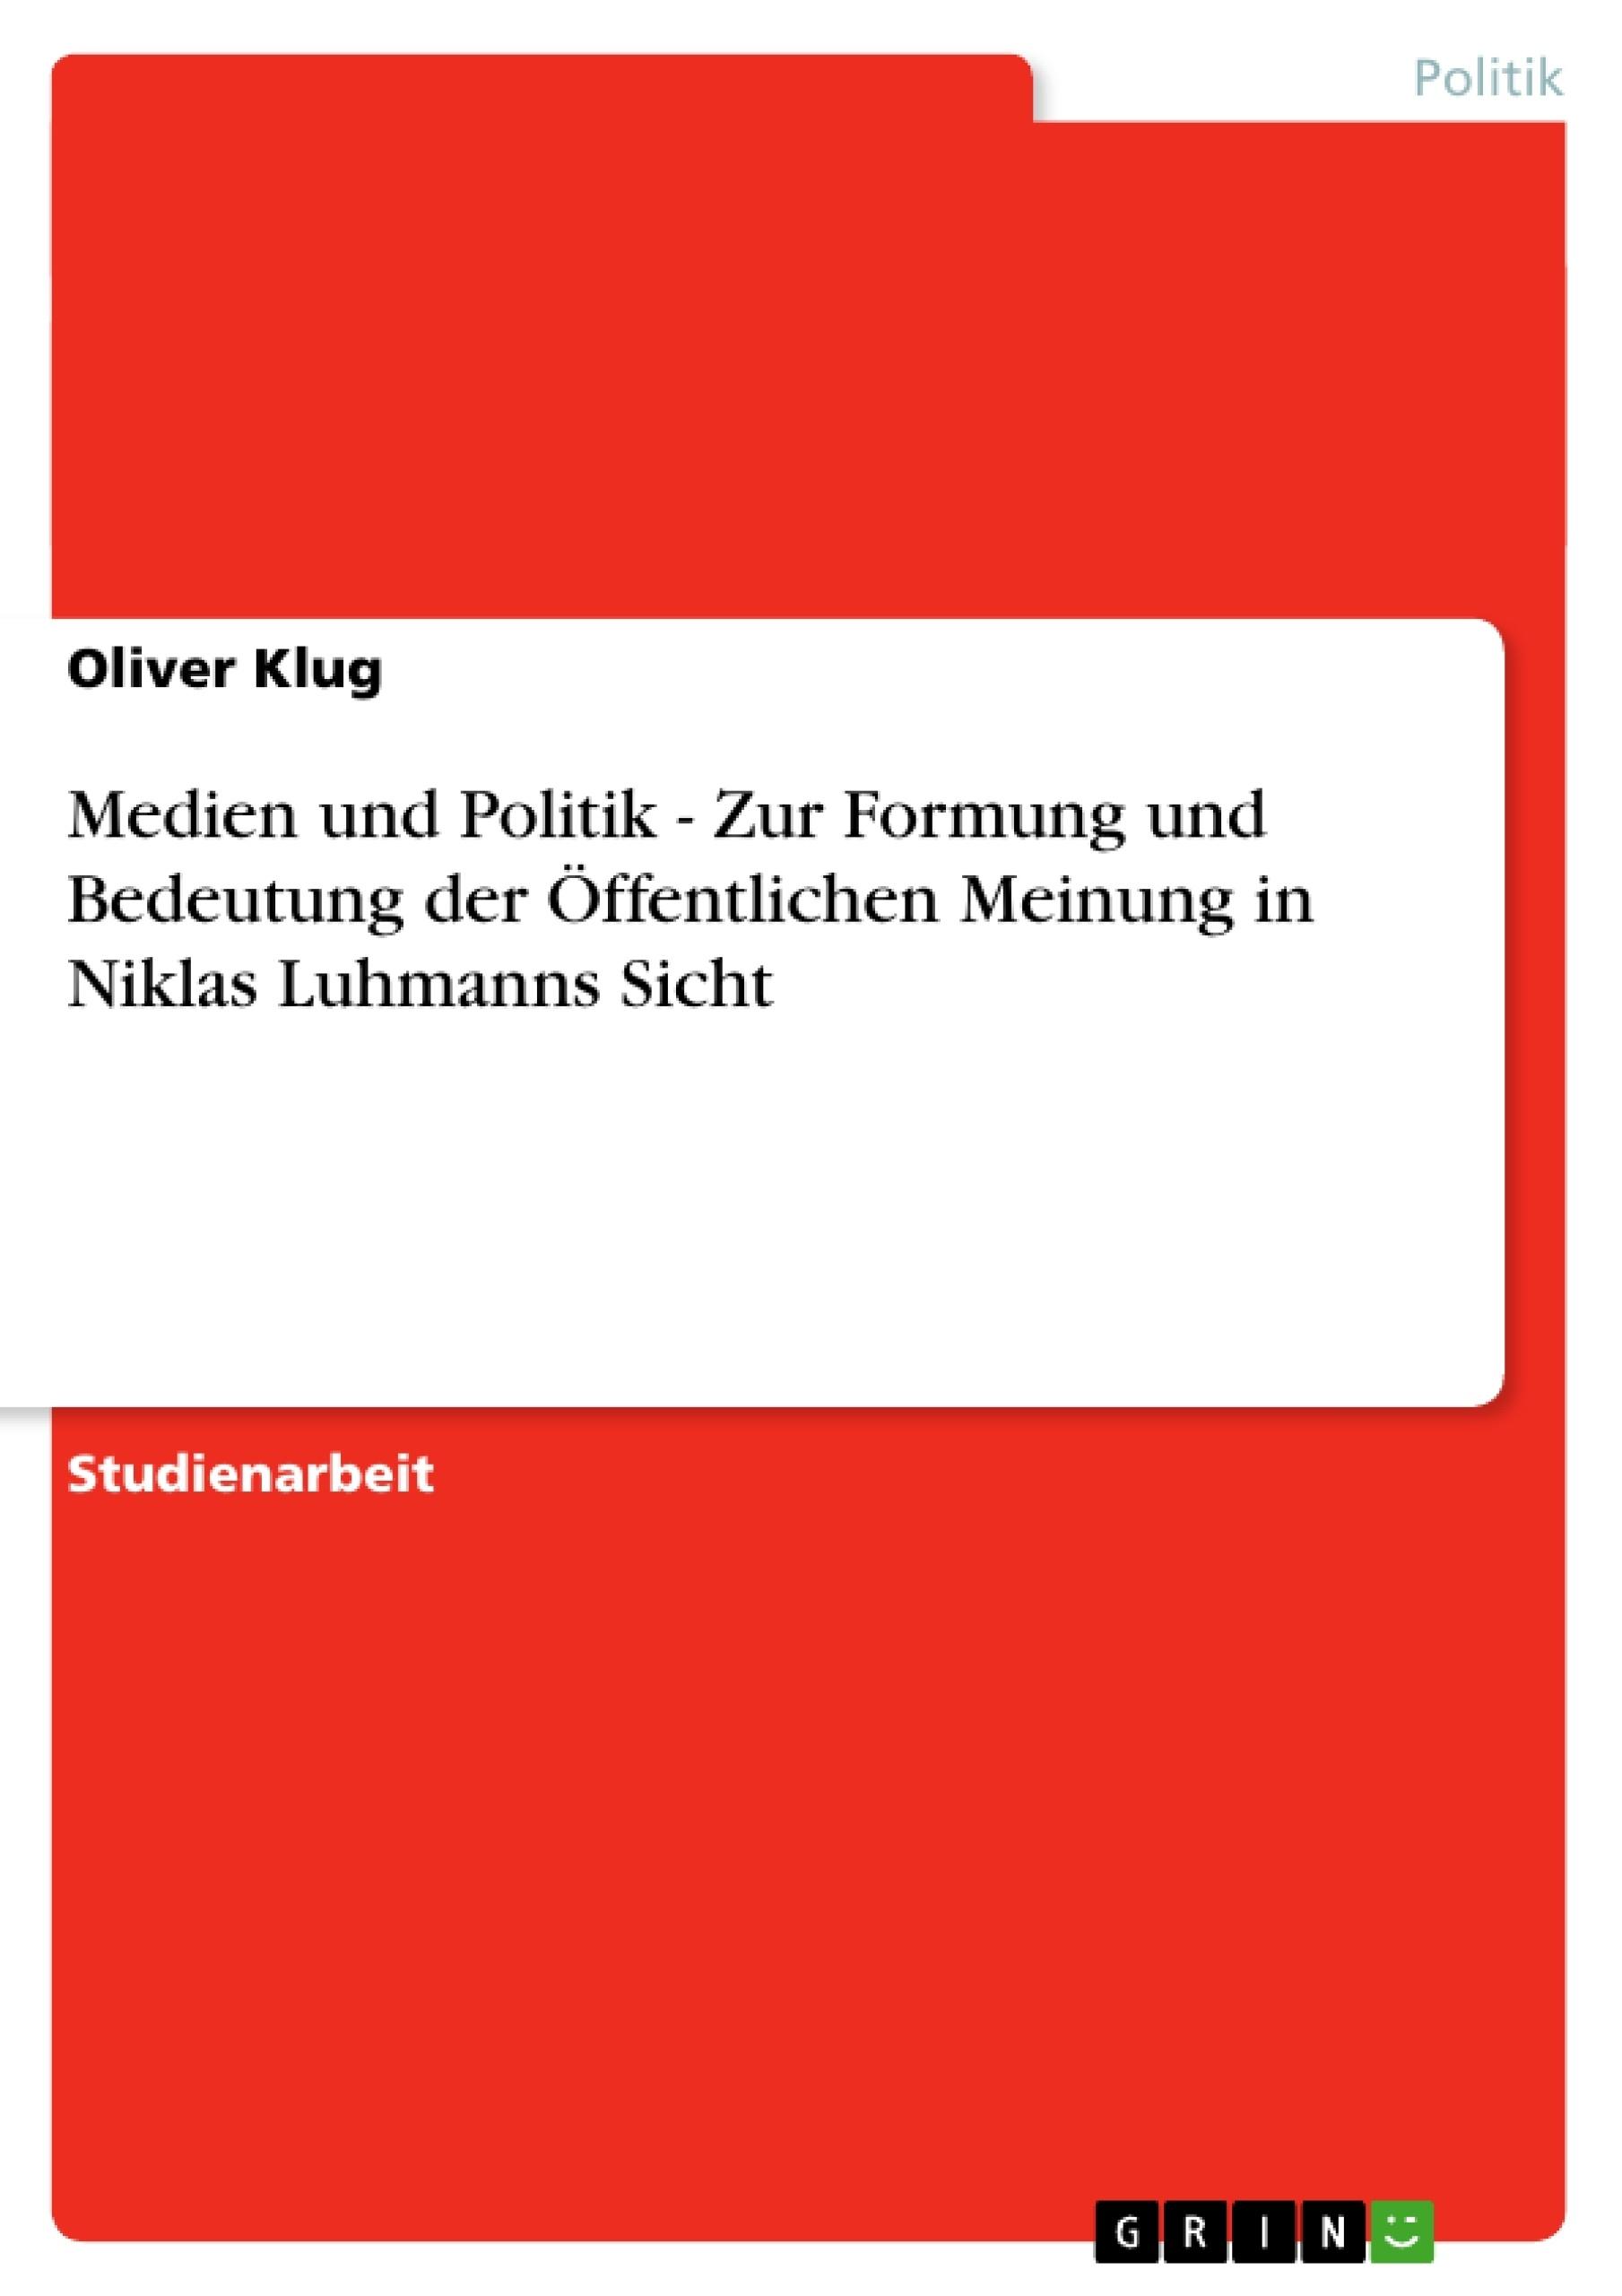 Titel: Medien und Politik - Zur Formung und Bedeutung der Öffentlichen Meinung in Niklas Luhmanns Sicht